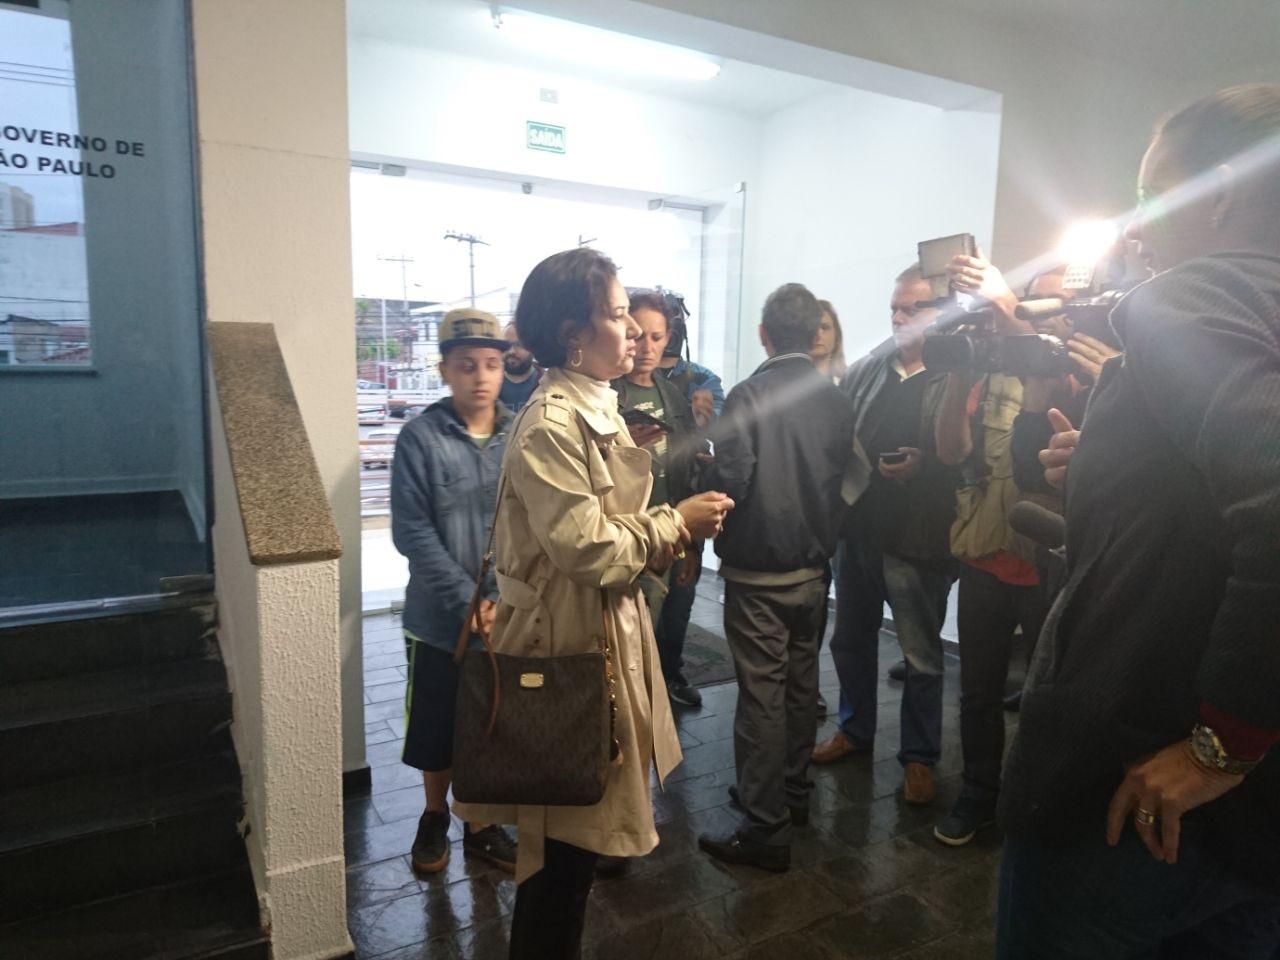 Vice aciona polícia para entrar com grupo em gabinete na Prefeitura de Sorocaba